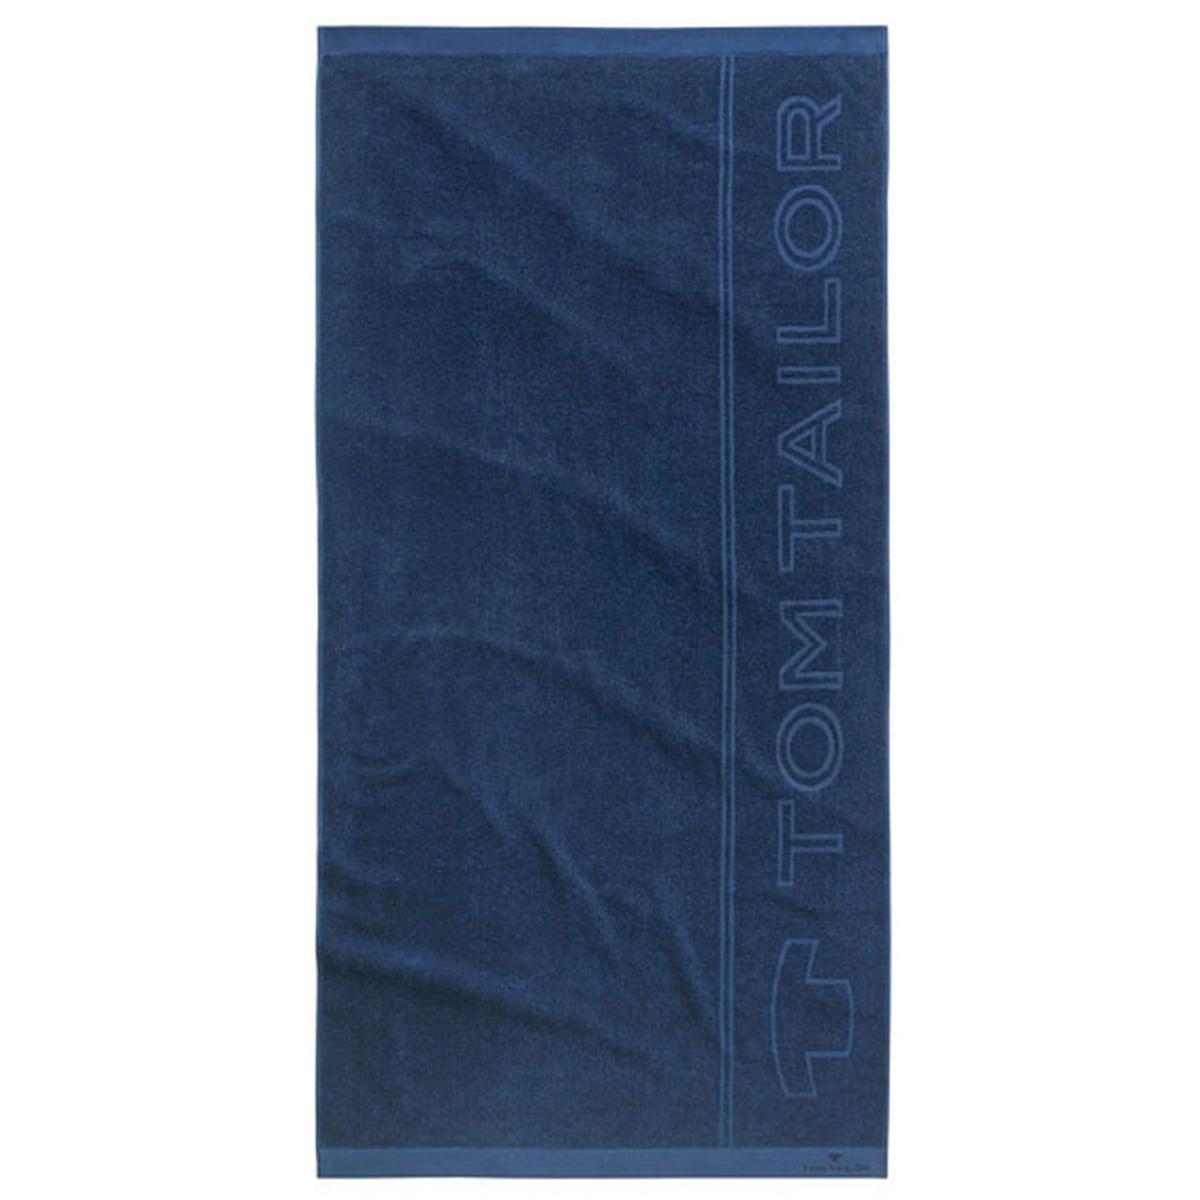 Πετσέτα Θαλάσσης 100 119 Multi-Functional 908 Navy Tom Tailor Θαλάσσης 90x180cm